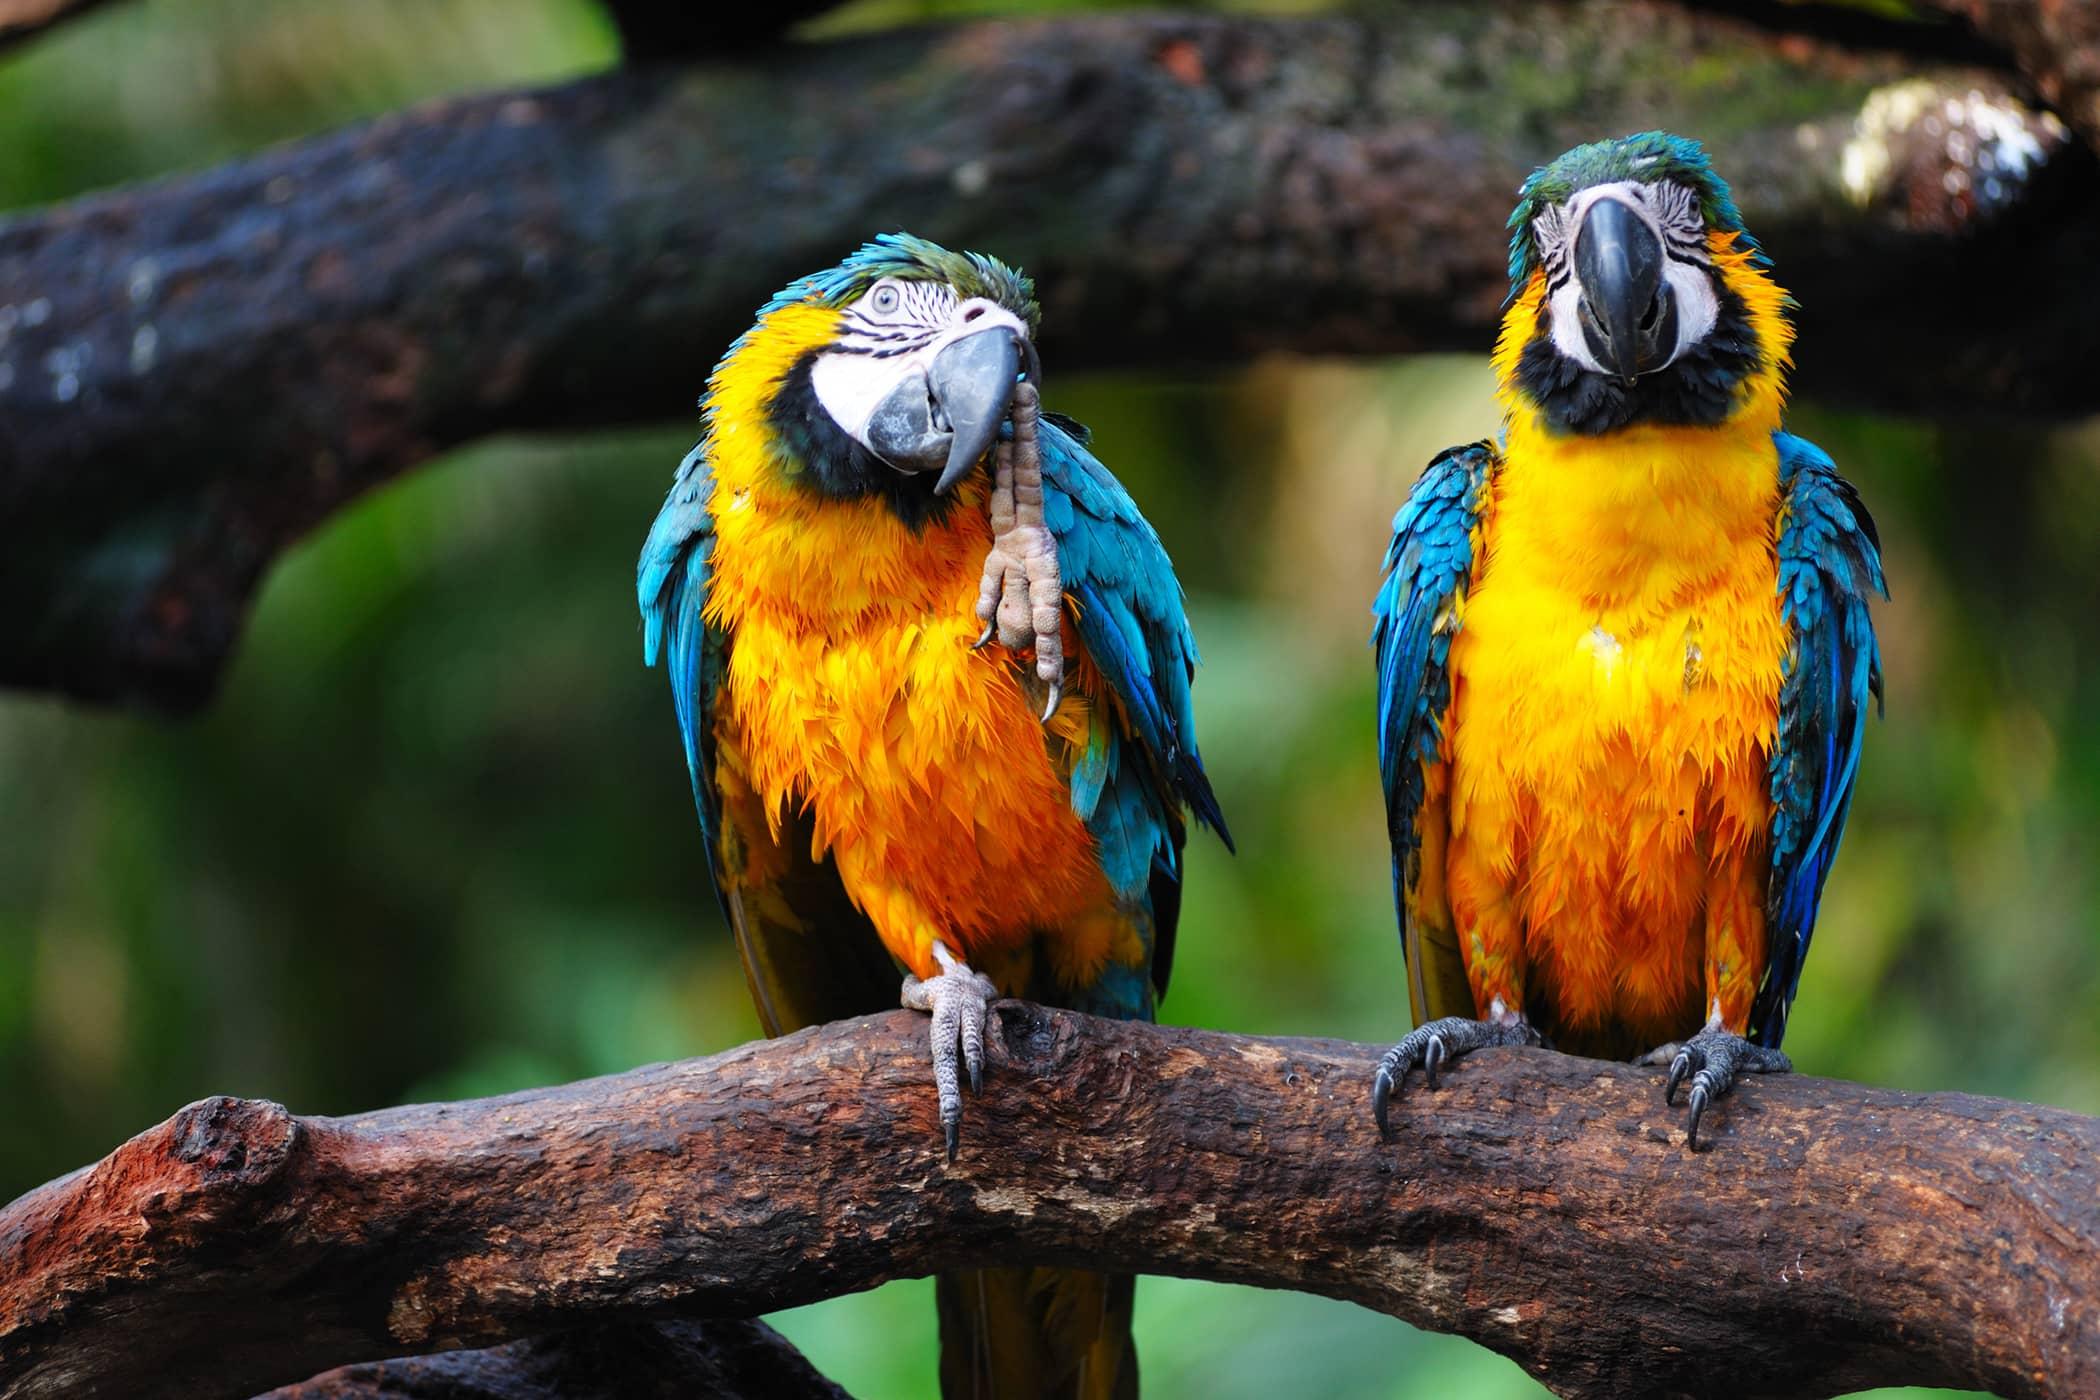 Herpesvirus Infection in Birds